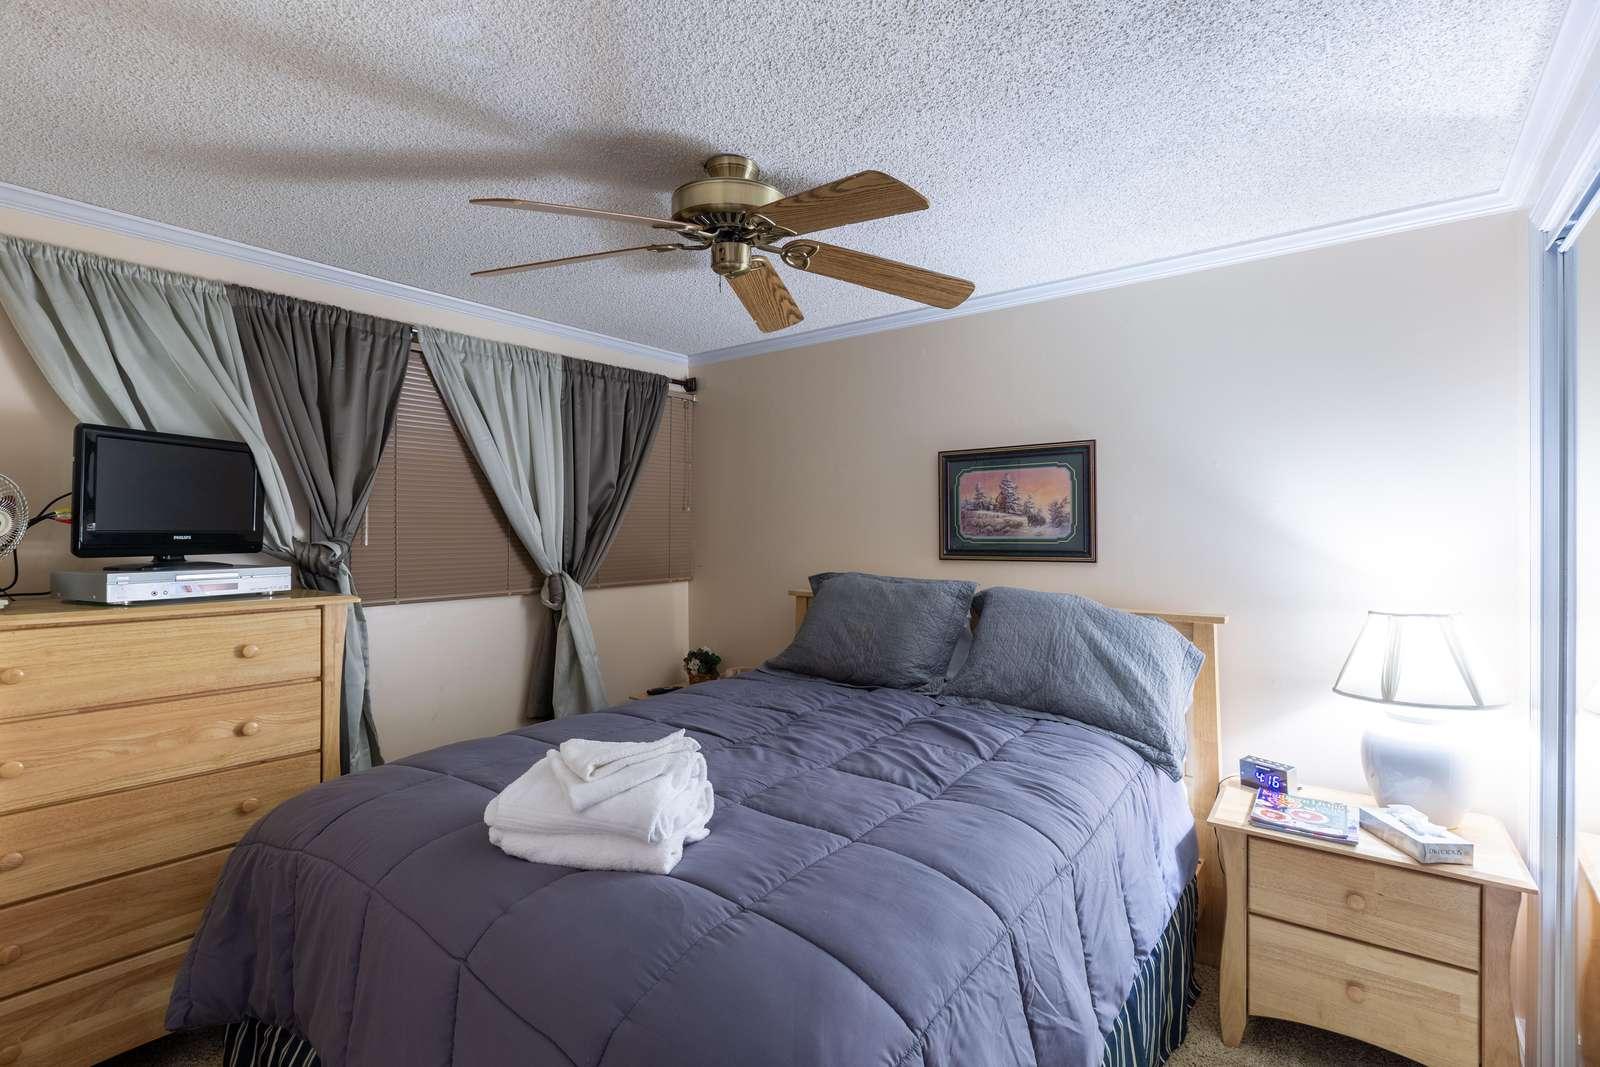 Bedroom #2 has an elegant design